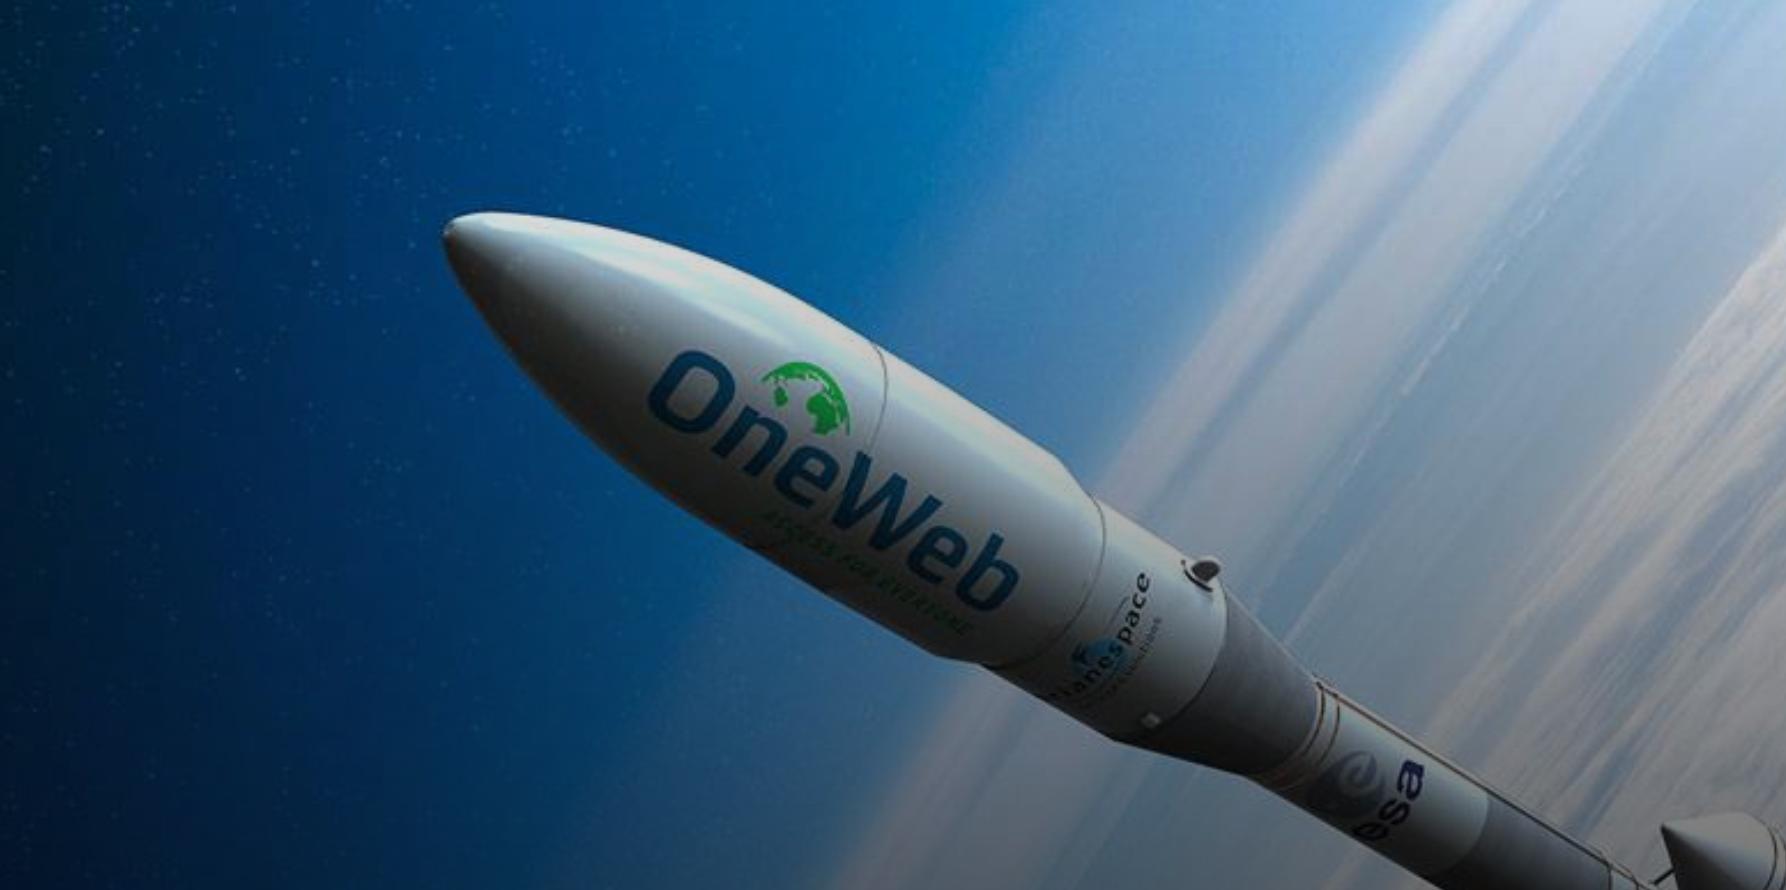 Великобритания купила долю в спутниковом операторе OneWeb